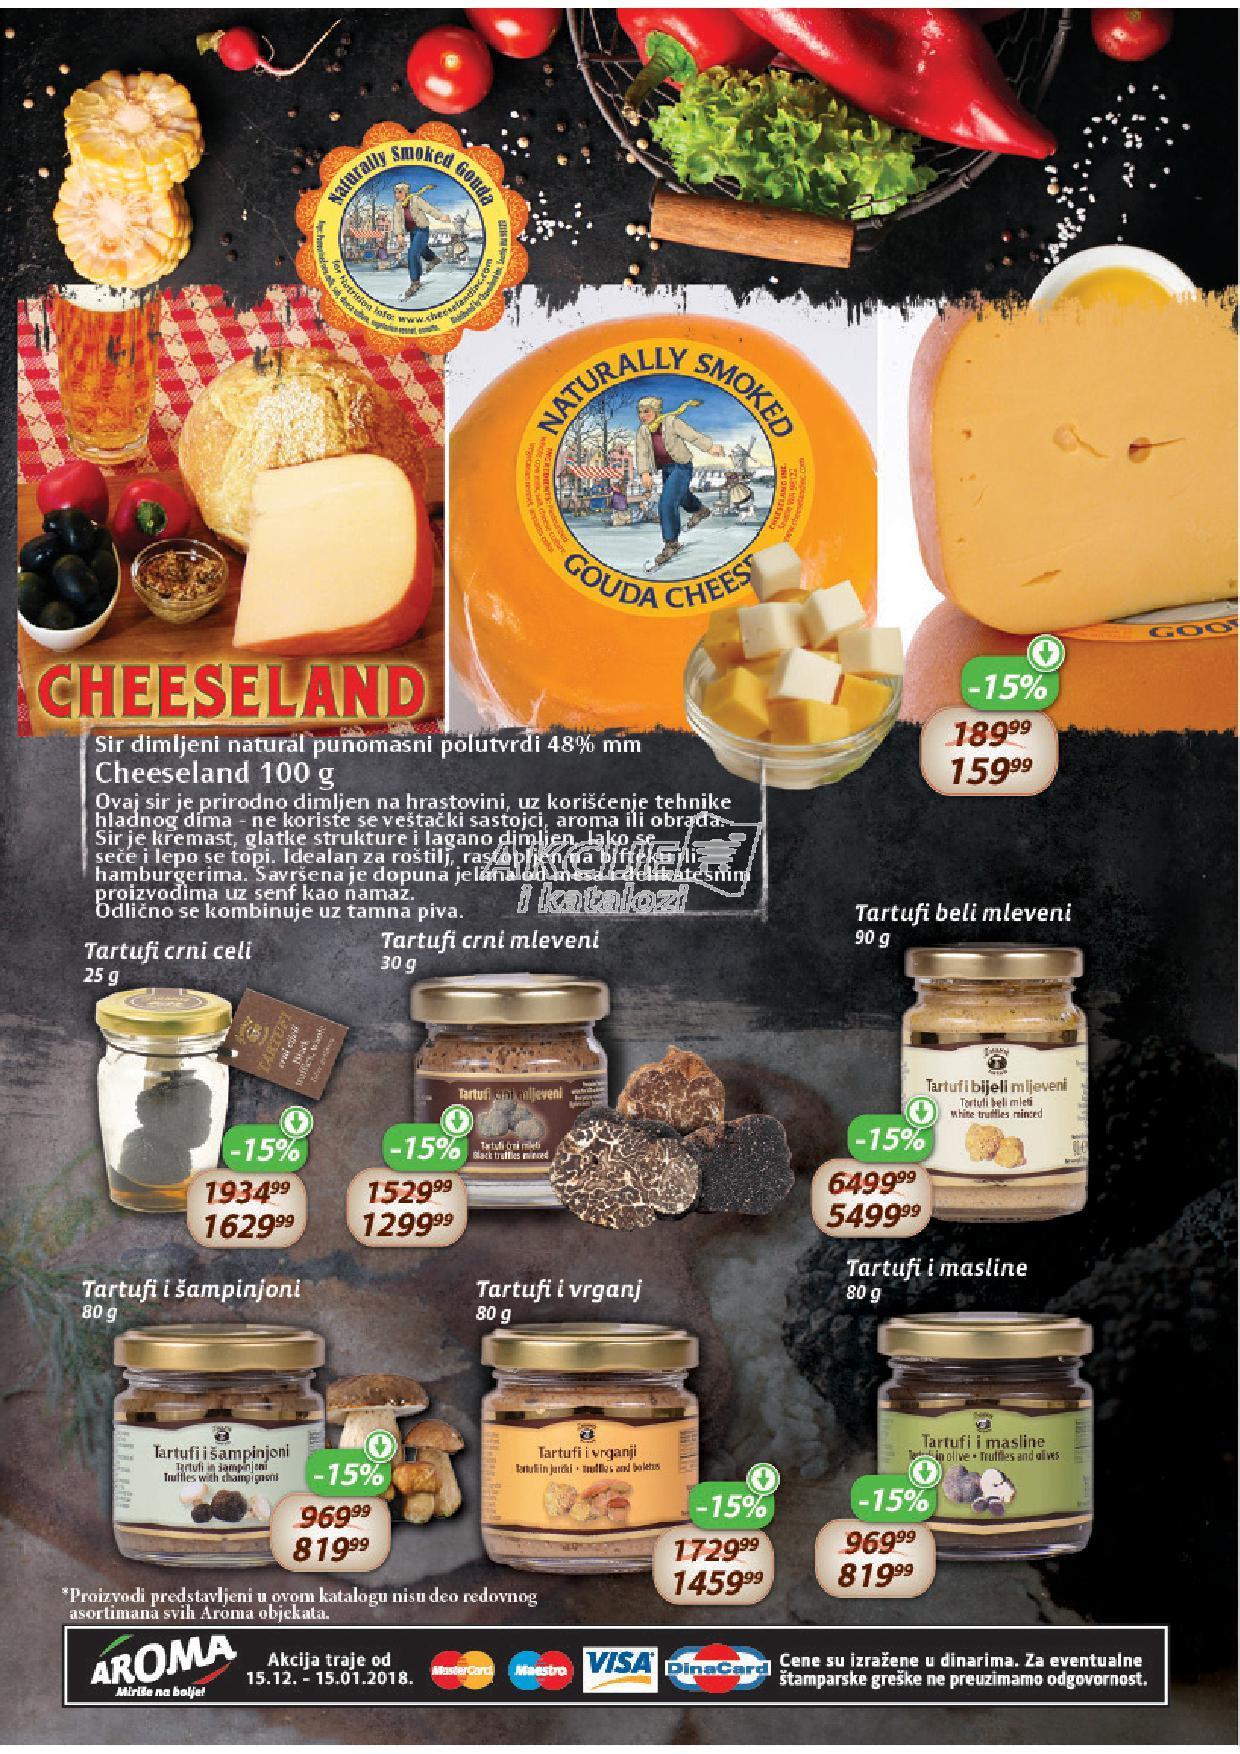 Aroma akcija super cene sireva